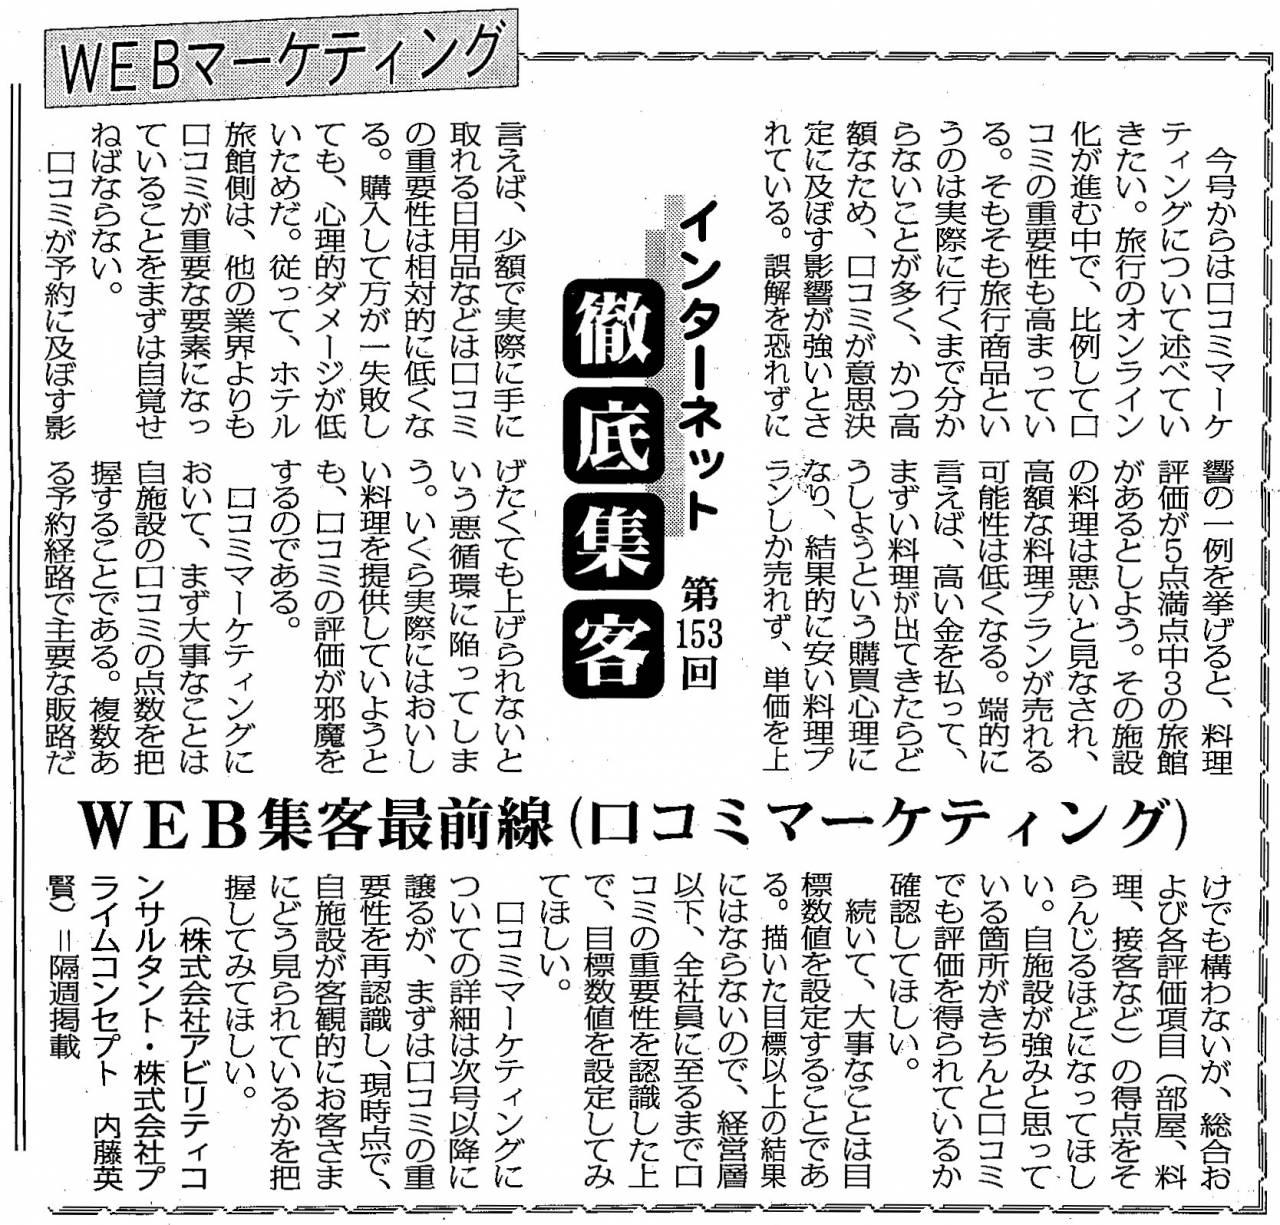 【第153回】WEBマーケティング HPの最新トレンド( 口コミマーケティング )